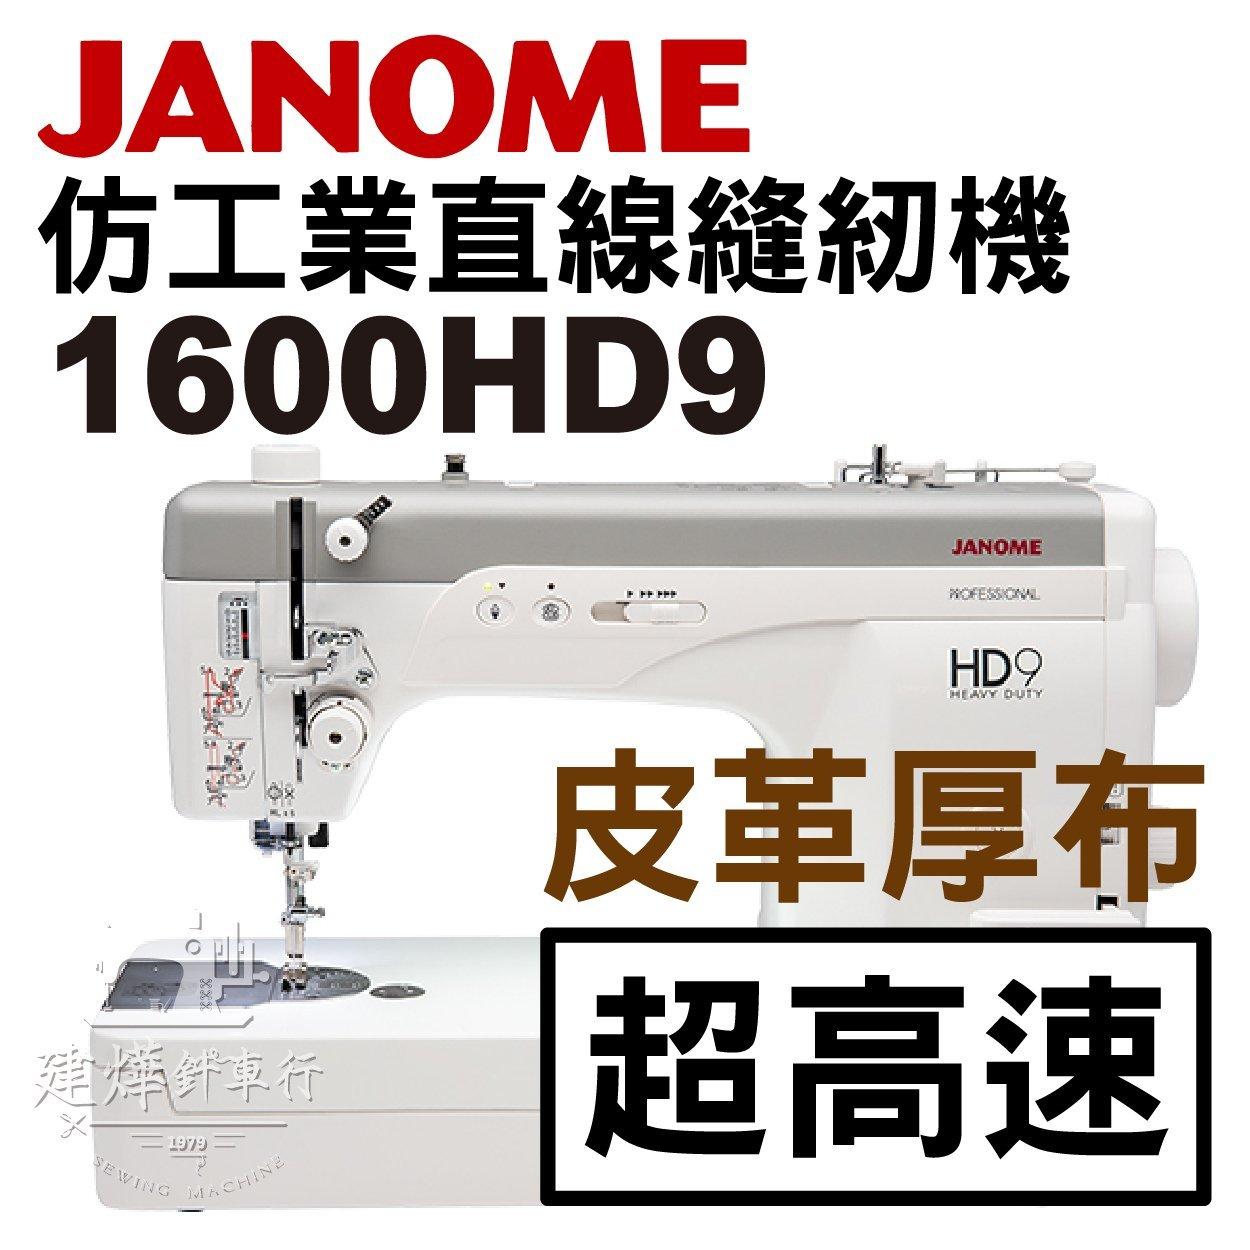 車樂美 仿工業直線縫紉機 HD9 超高速 可車縫皮革 JANOME * 建燁針車行-縫紉/拼布/裁縫 *